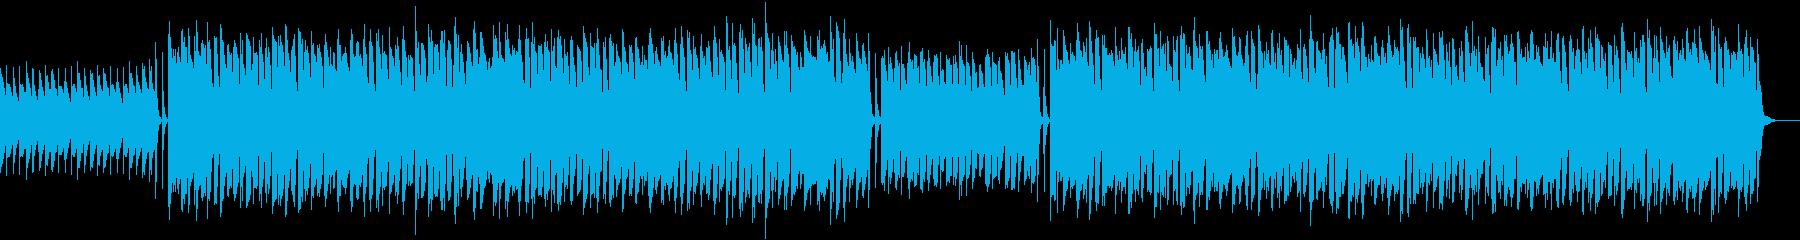 キックとスネアなしの再生済みの波形